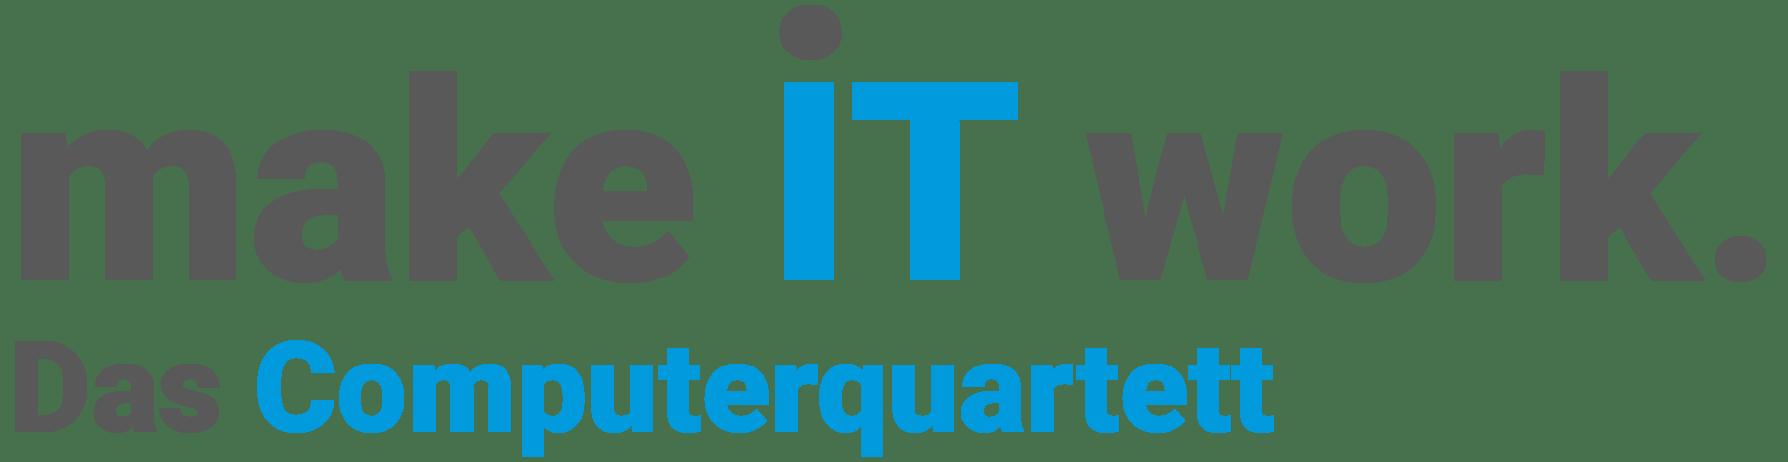 logo make IT work. Das Computerquartett